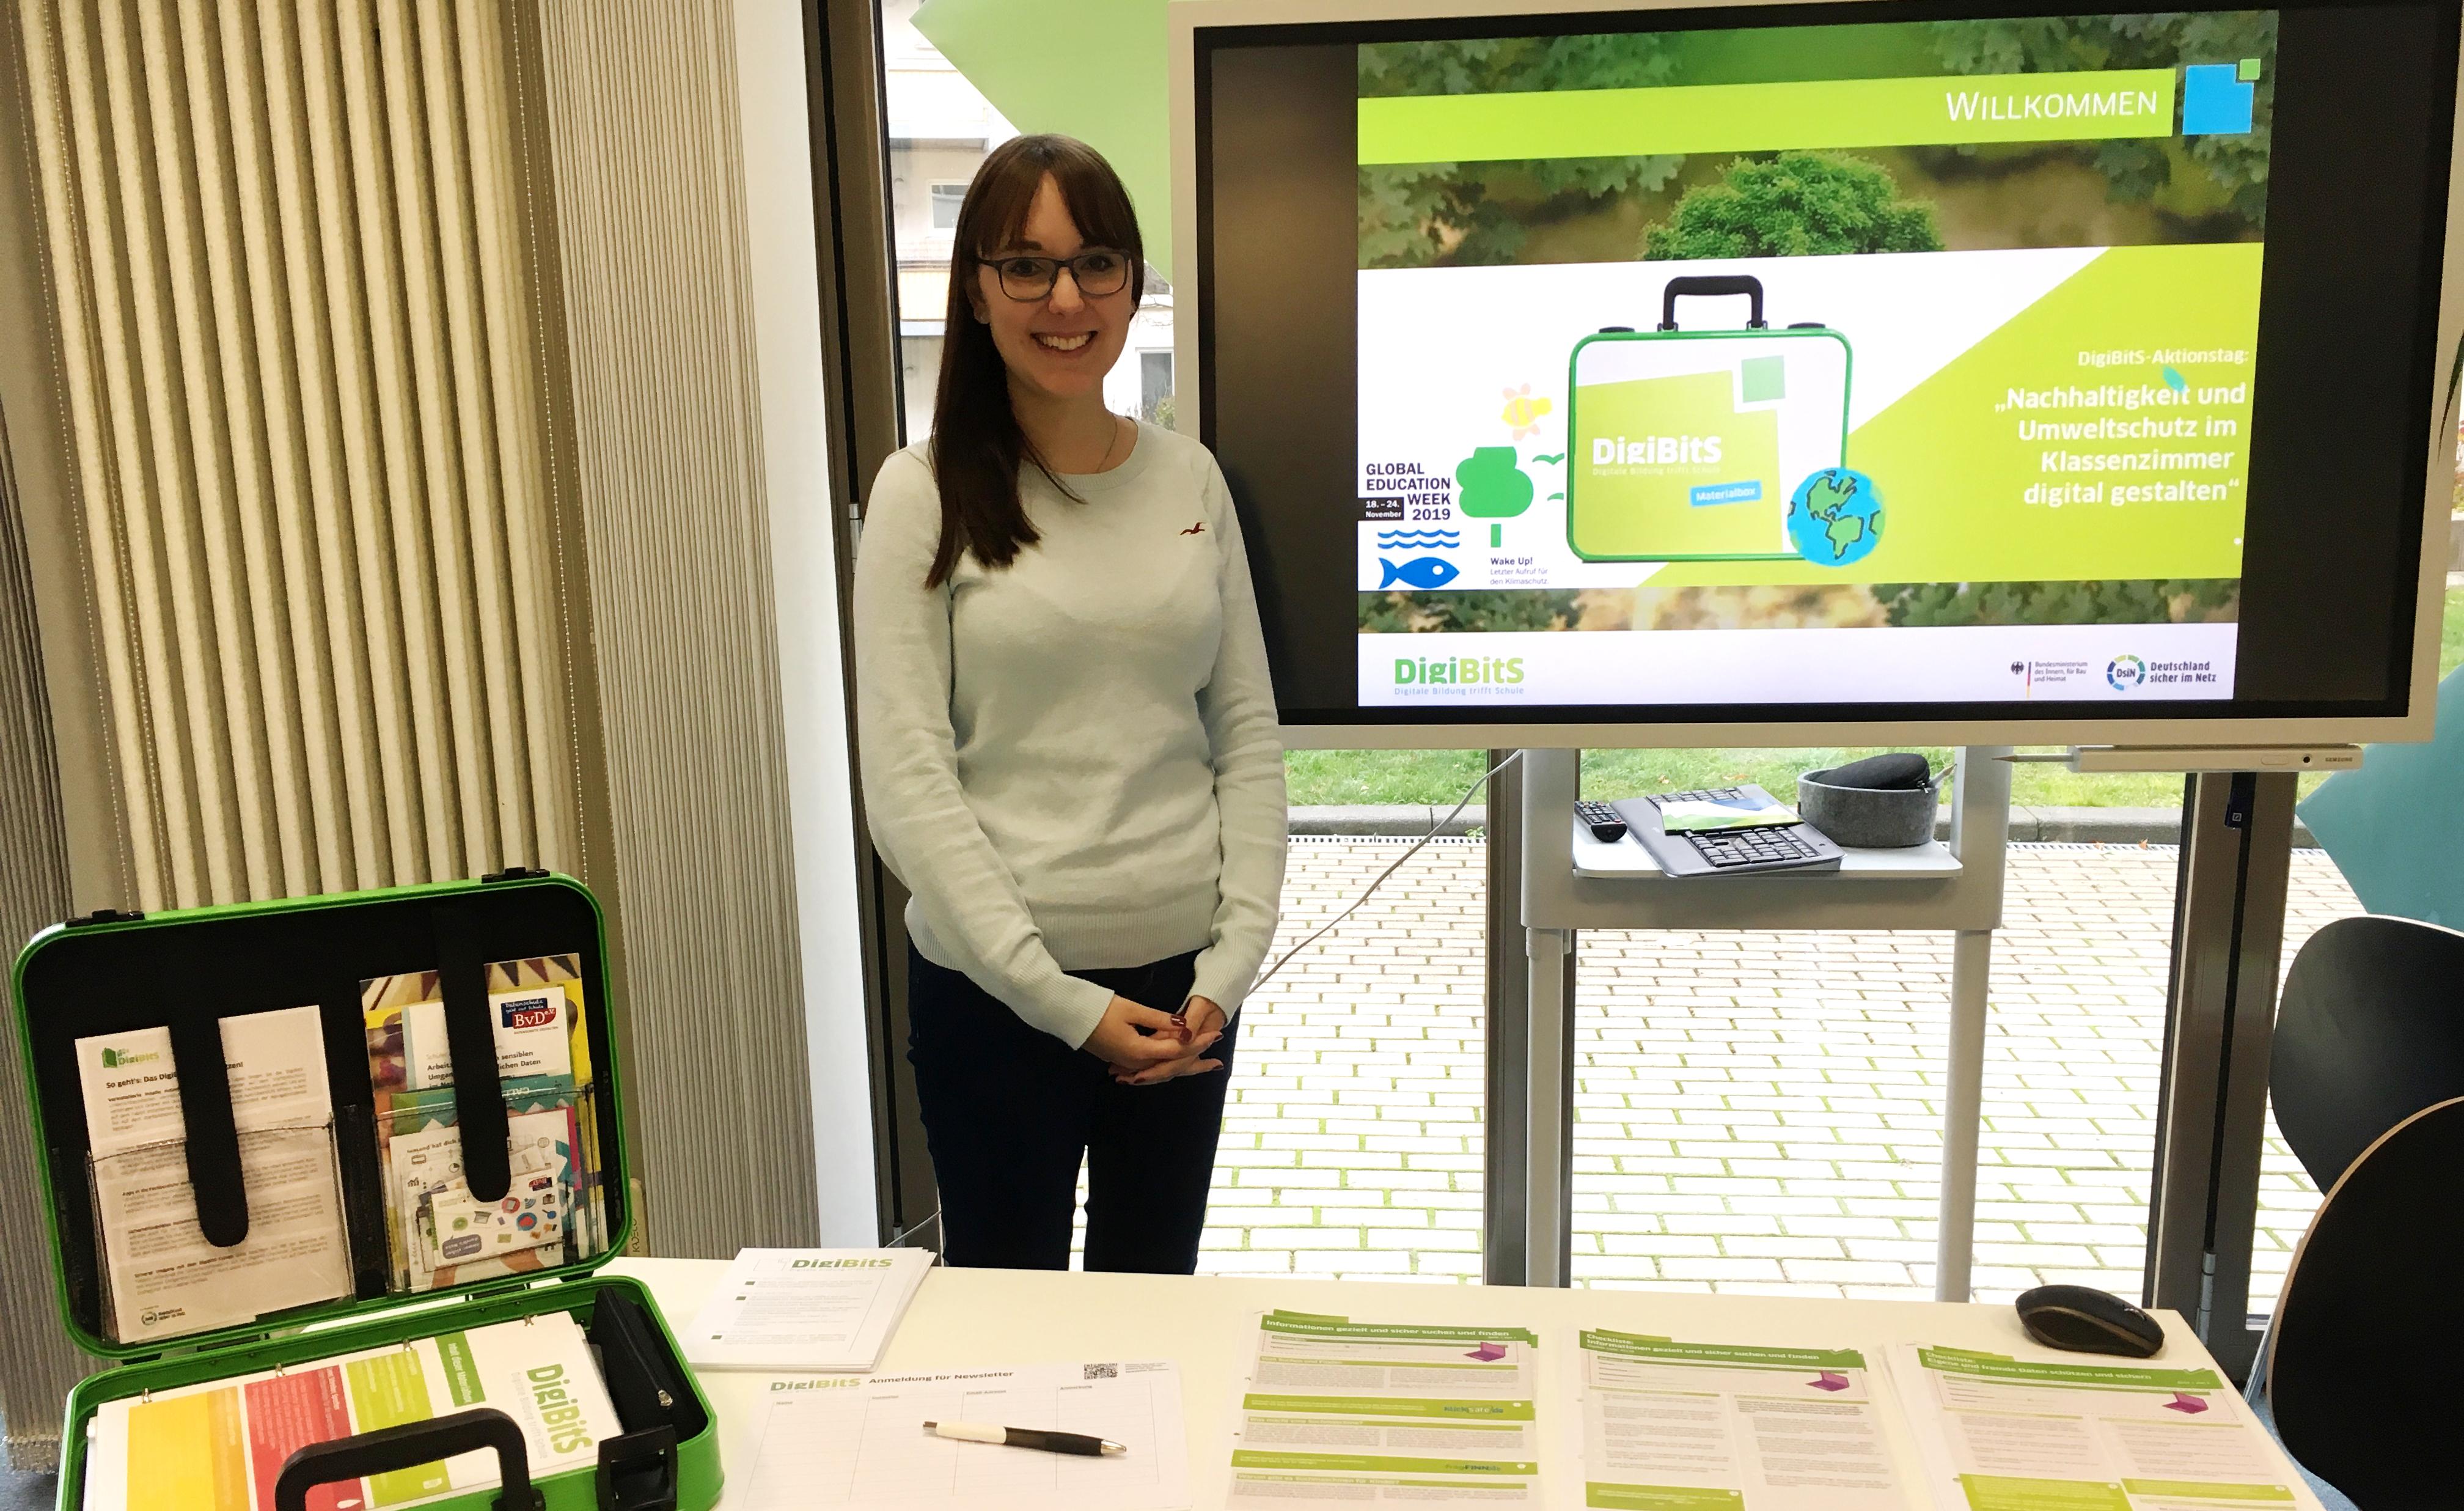 DigiBitS-Aktionstag:  Nachhaltigkeit und Umweltschutz im Klassenzimmer digital gestalten